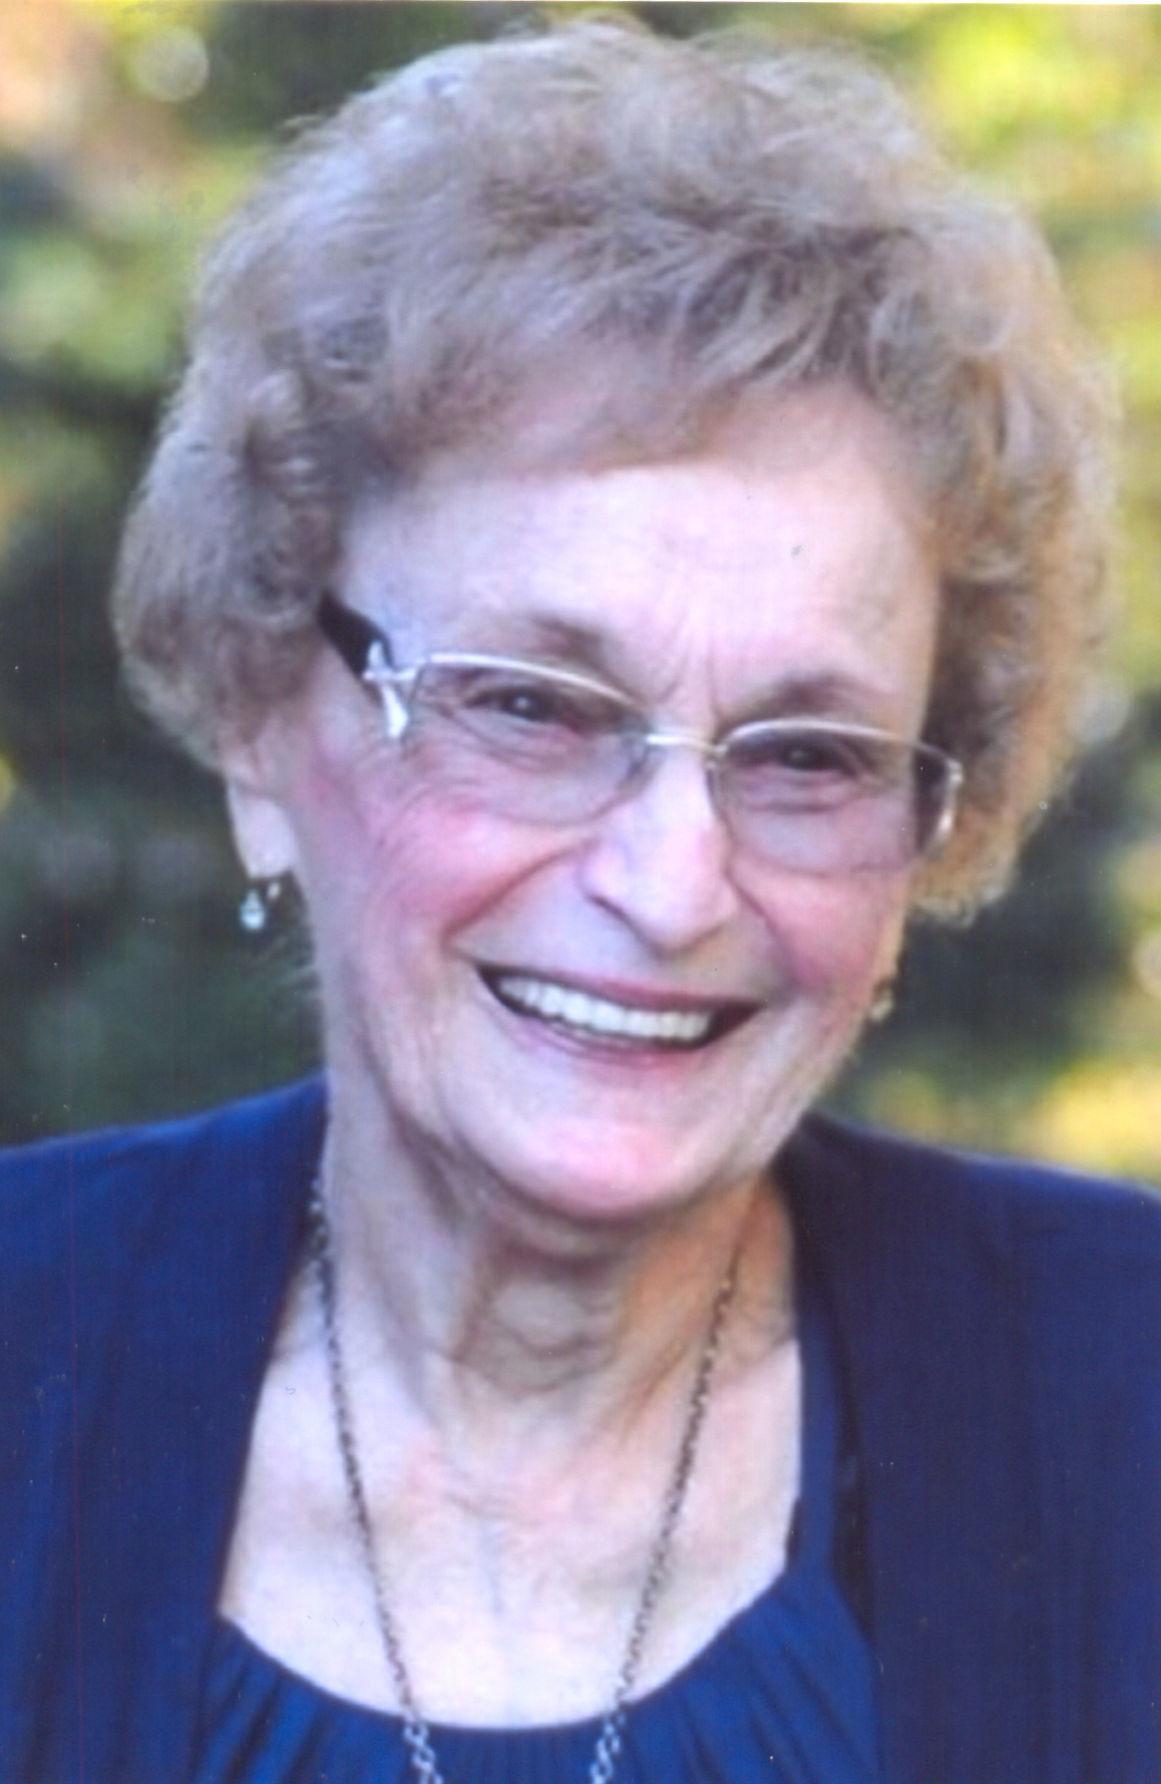 Joyce Massong